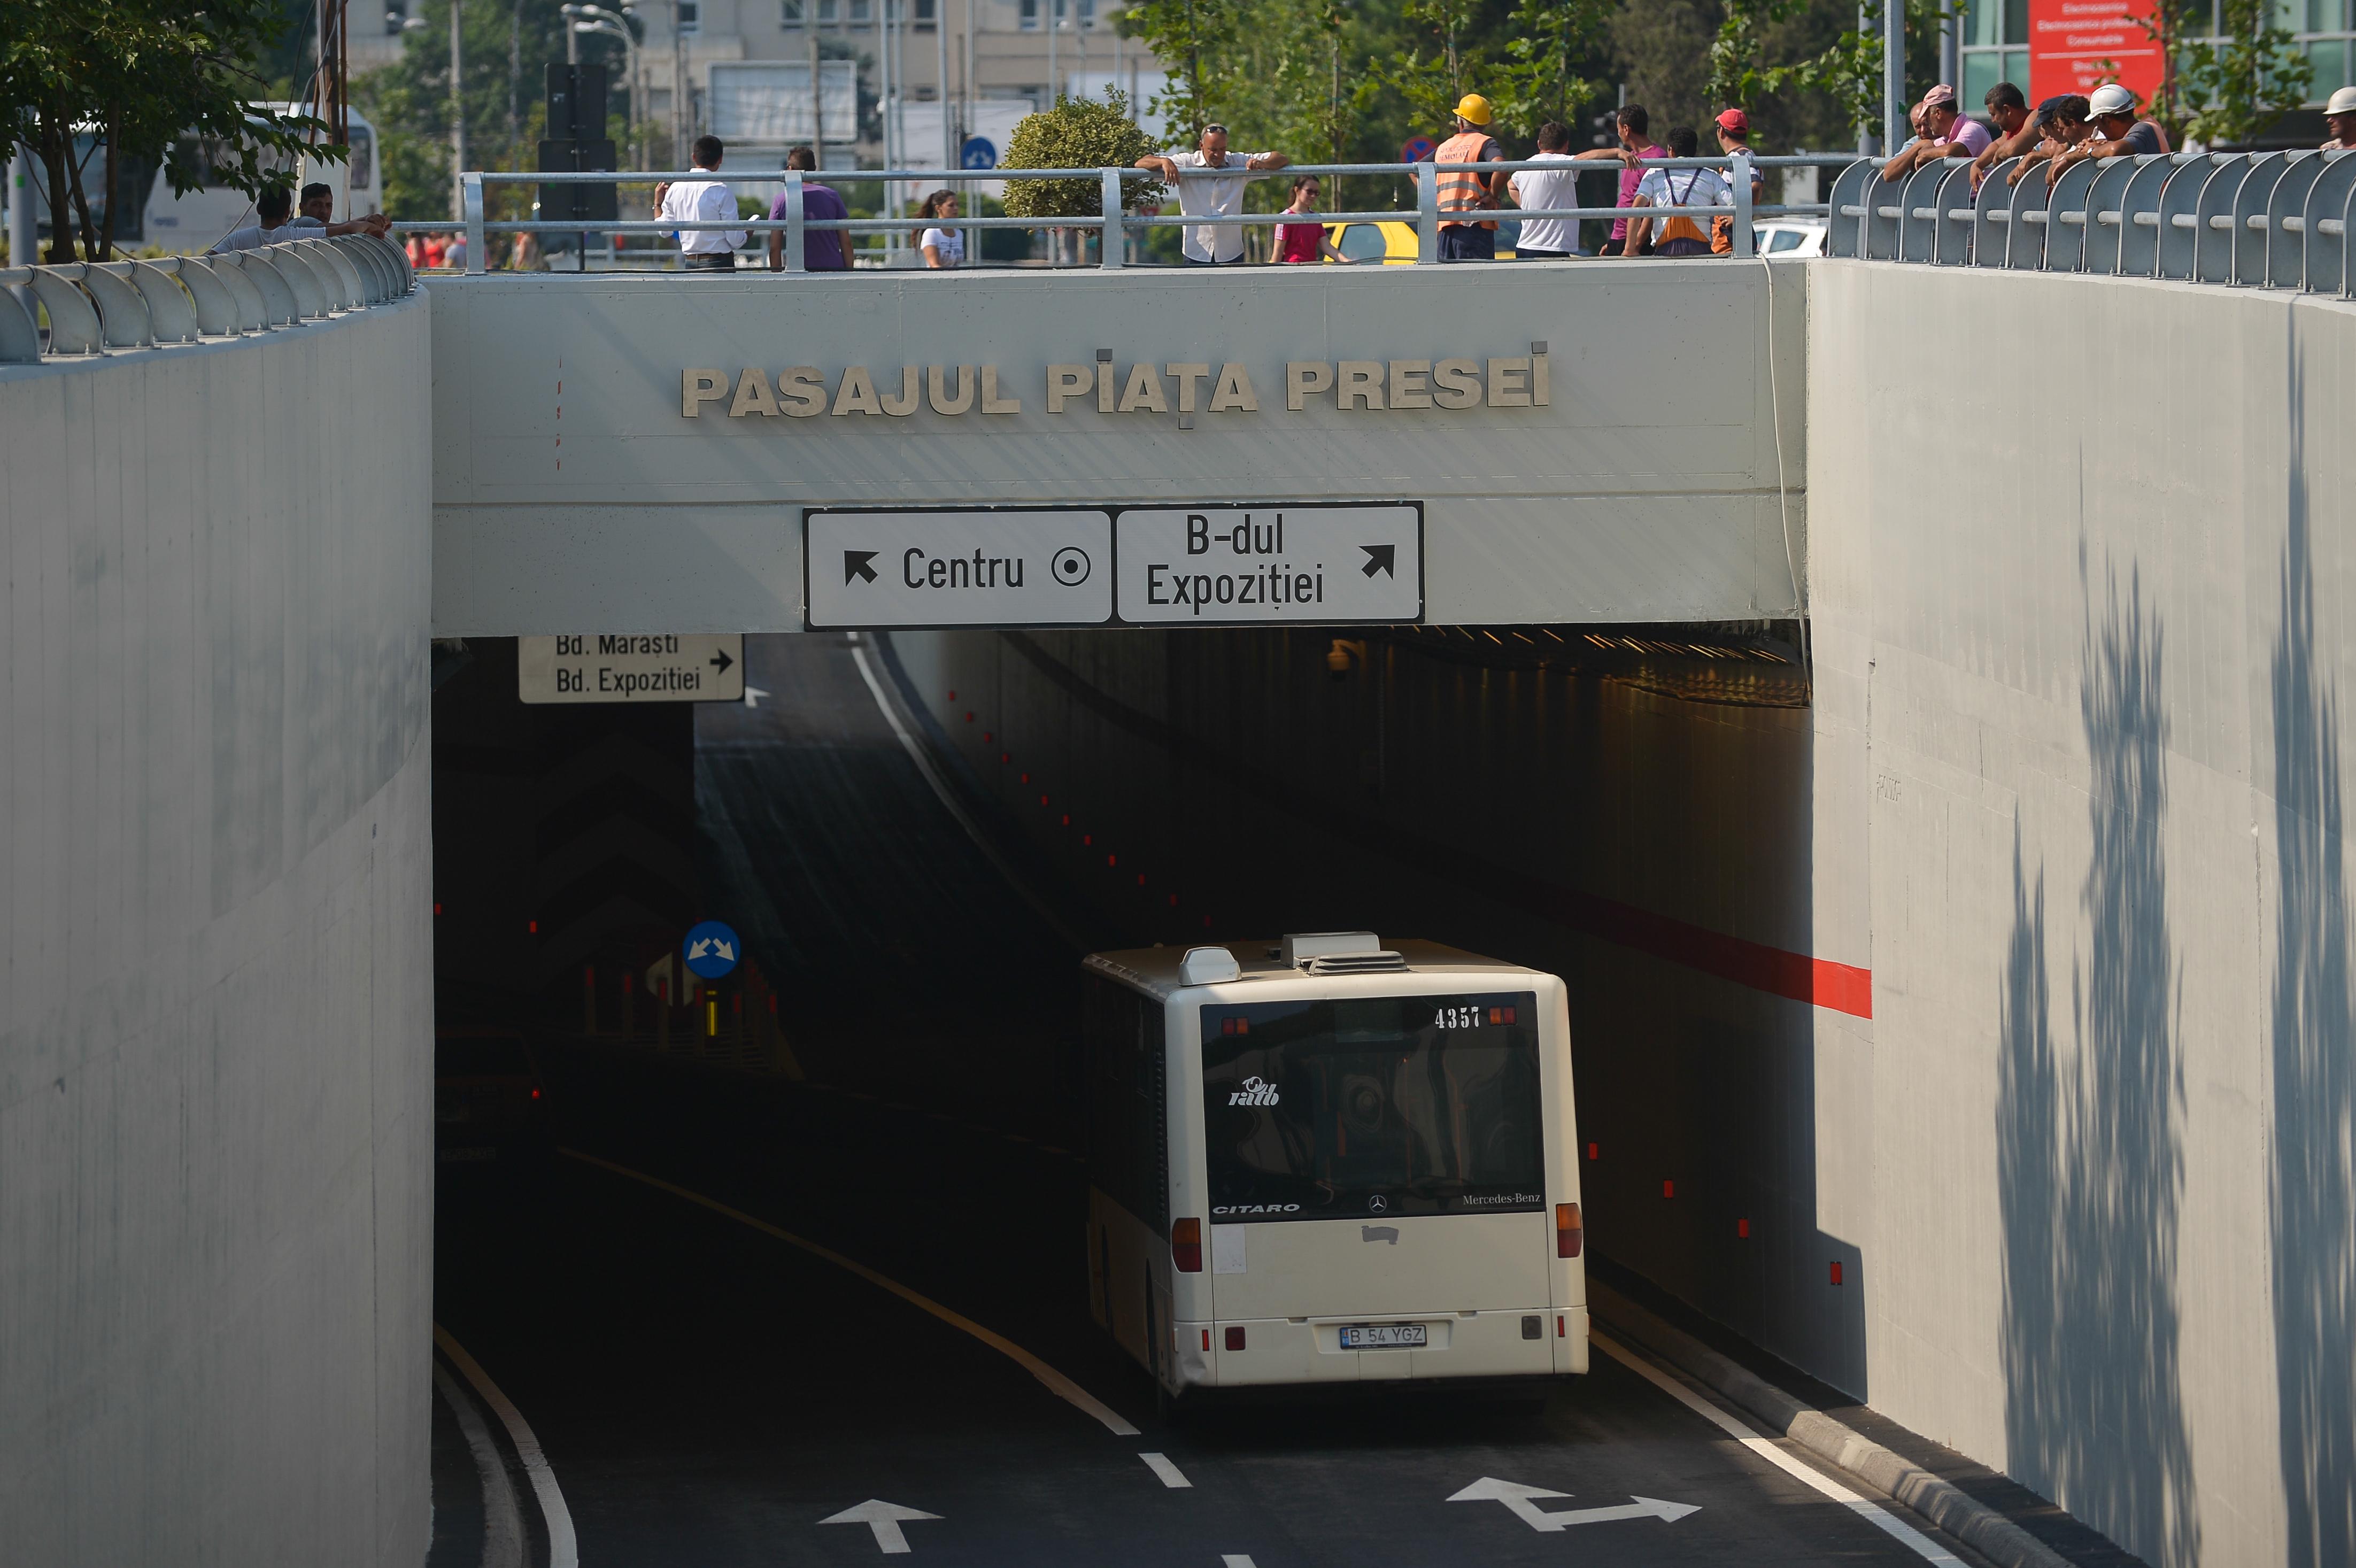 Pasajul de la Piaţa Presei din Capitală va fi închis în noaptea de vineri spre sâmbătă